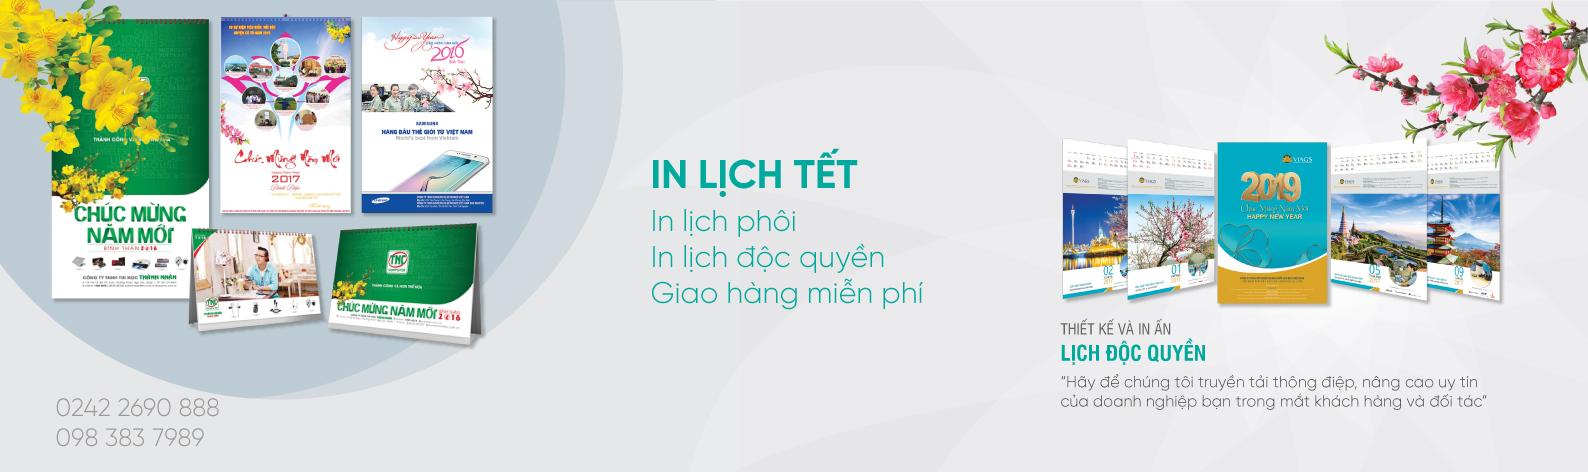 banner-lich-tet3